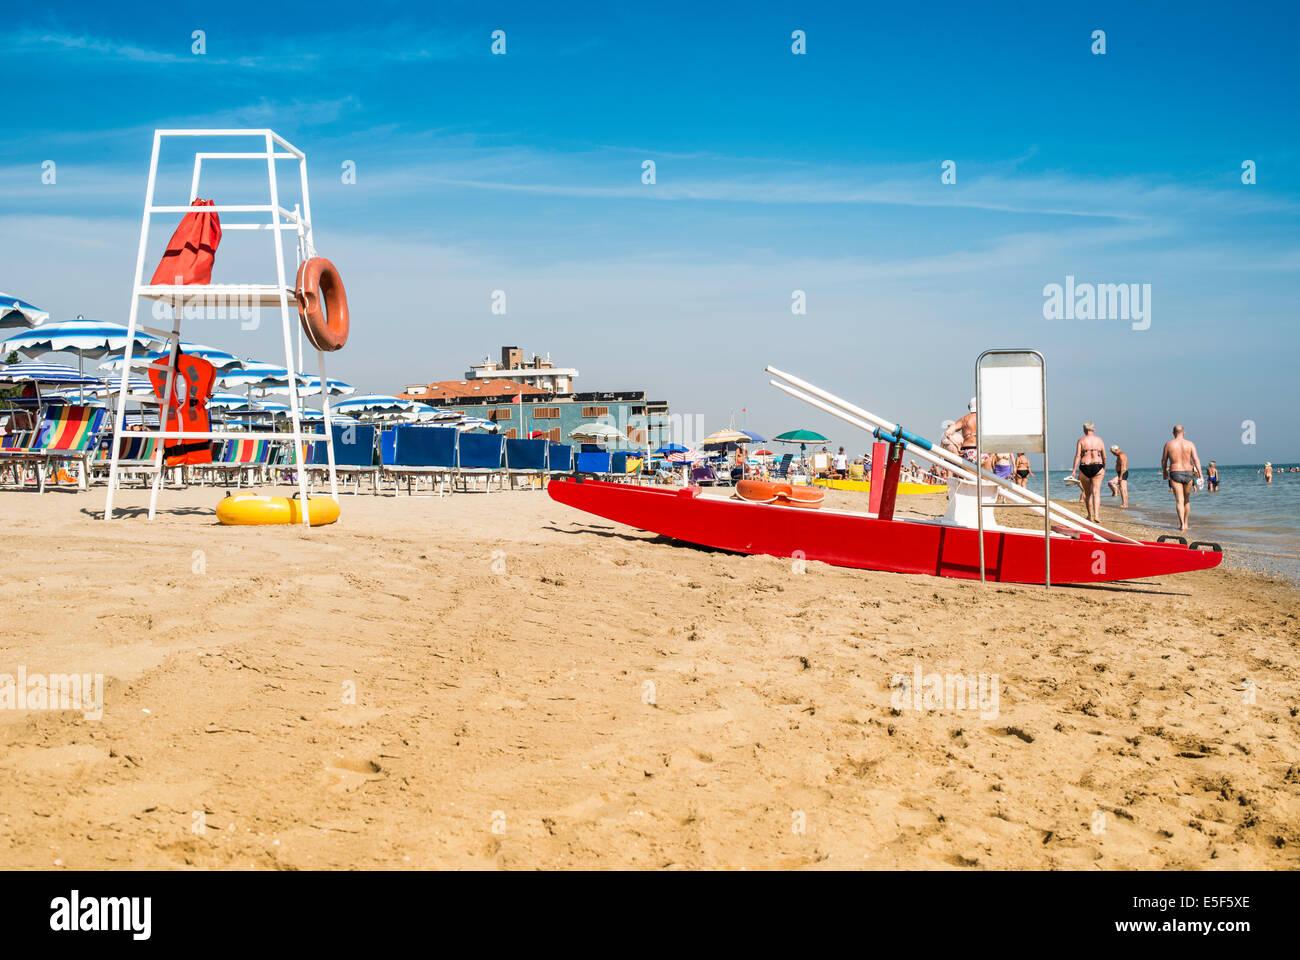 Lifesaver Jacket Stockfotos Bilder Seite 3 Alamy Peugeot Wiring Diagrams Mhh Sicherheits Ausrstung Am Strand Schwimmweste Und Grtel Stockbild